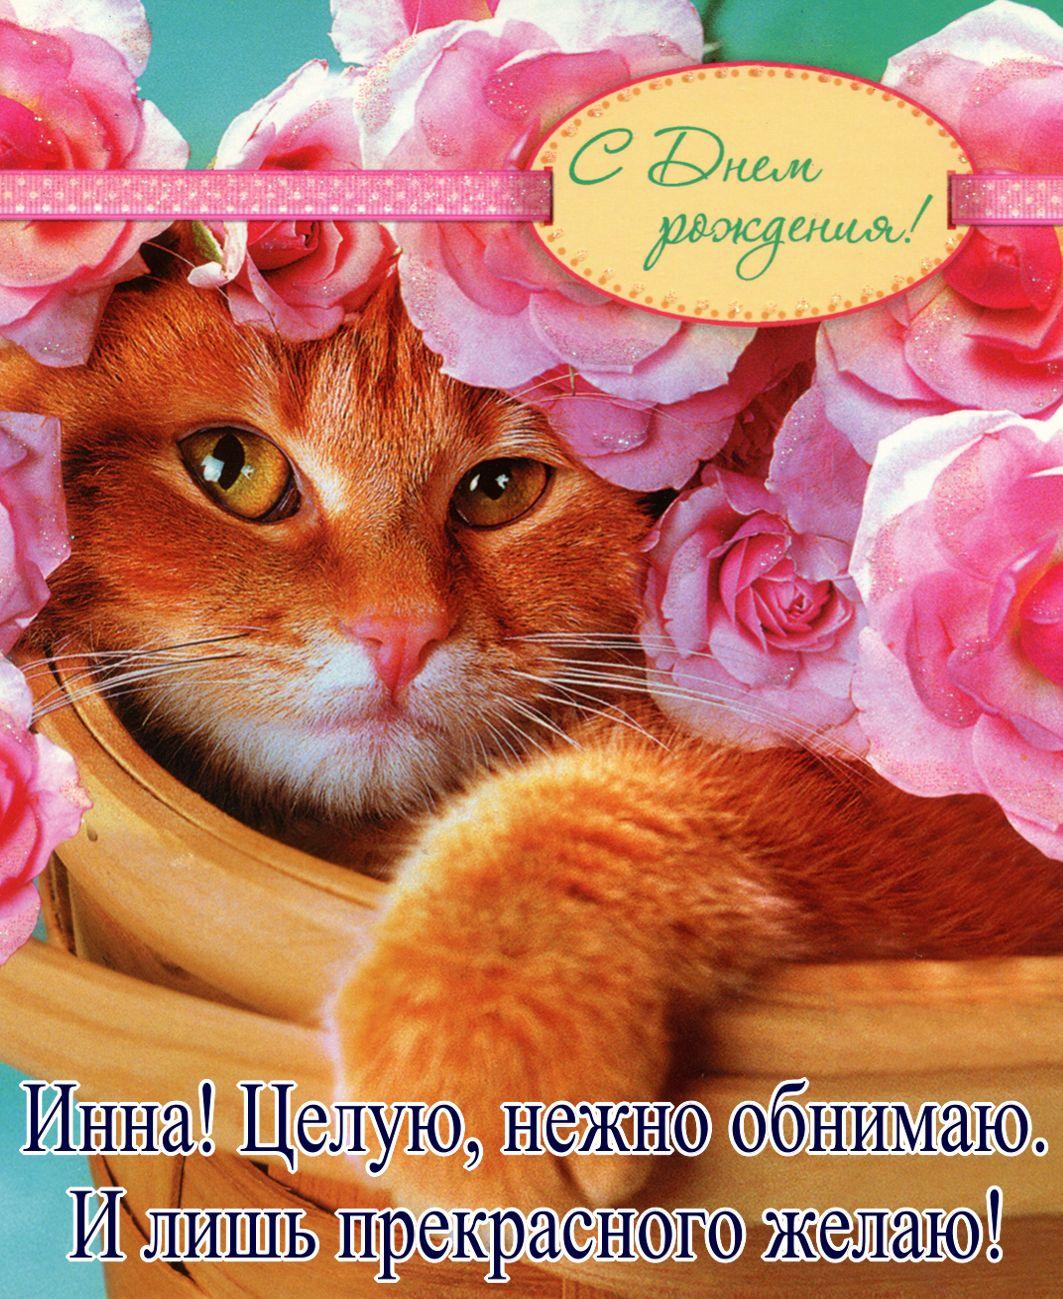 Картинки первой, с днем рождения открытка кот одноклассники